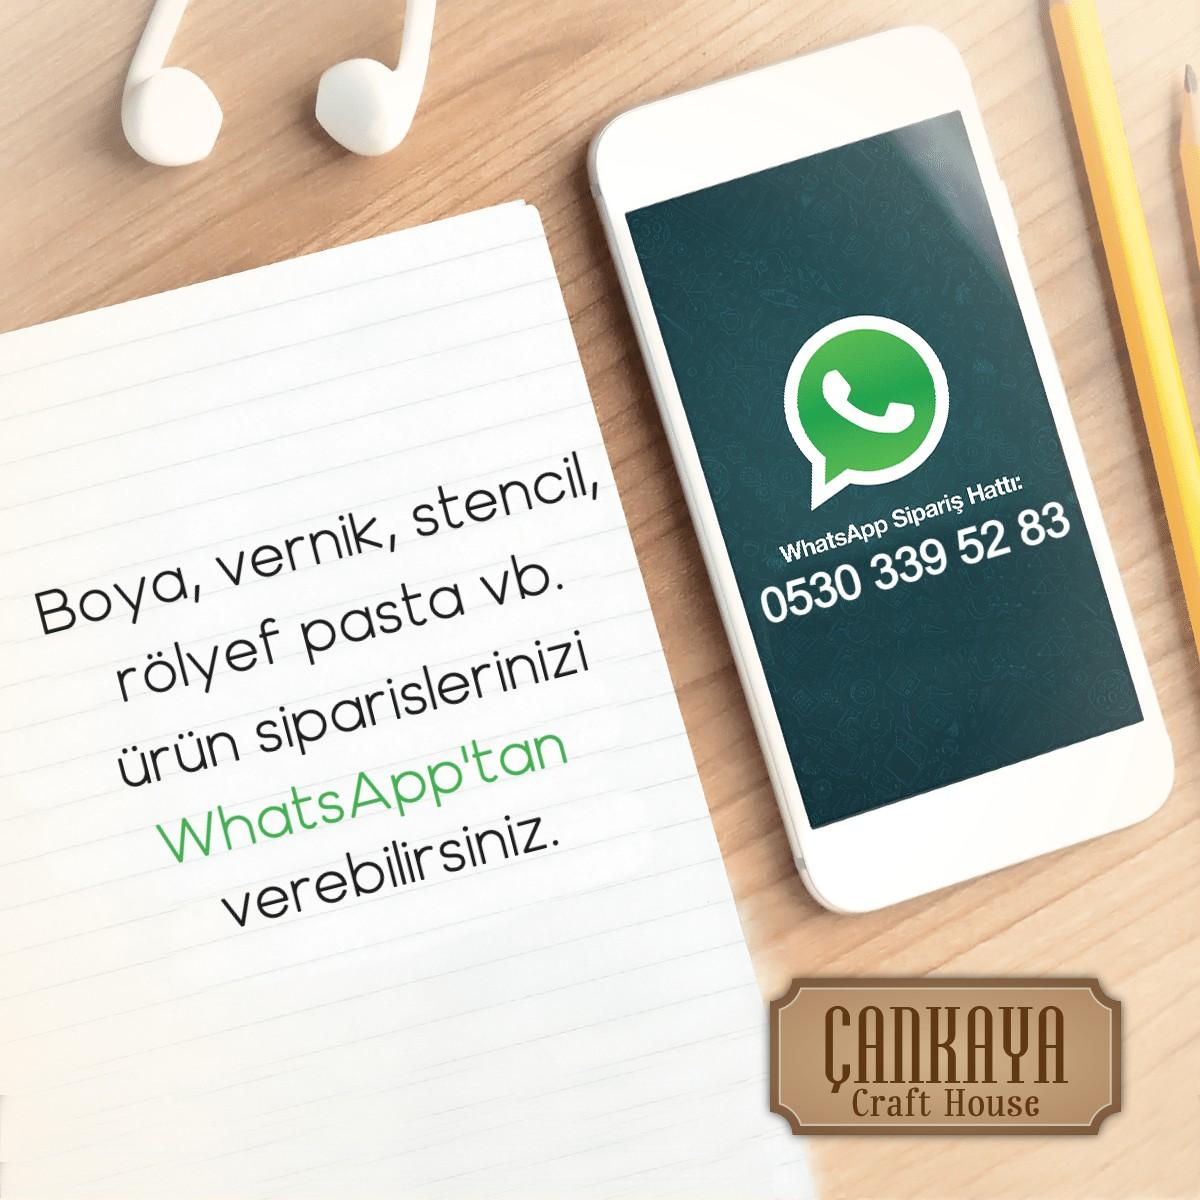 Cadence Ürün Siparişlerinizi WhatsApp'tan İletin